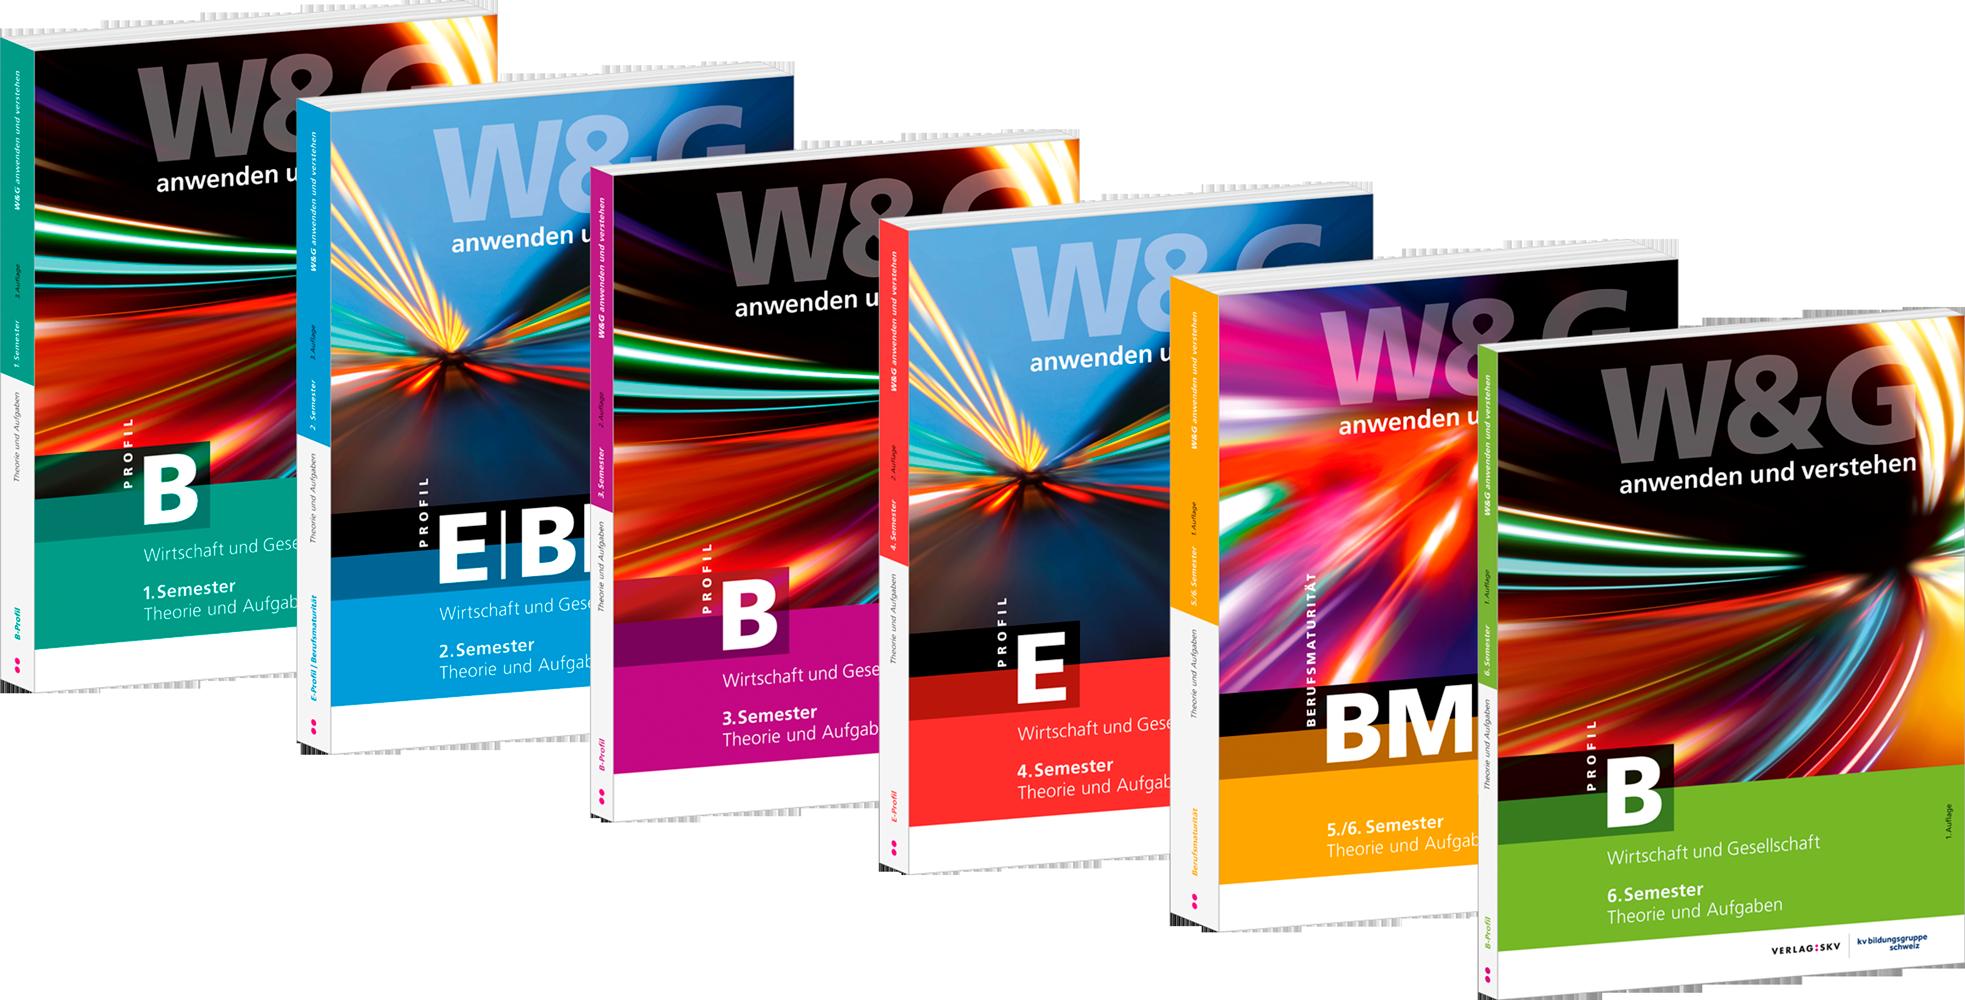 W&G anwenden und verstehen - Verlag SKV